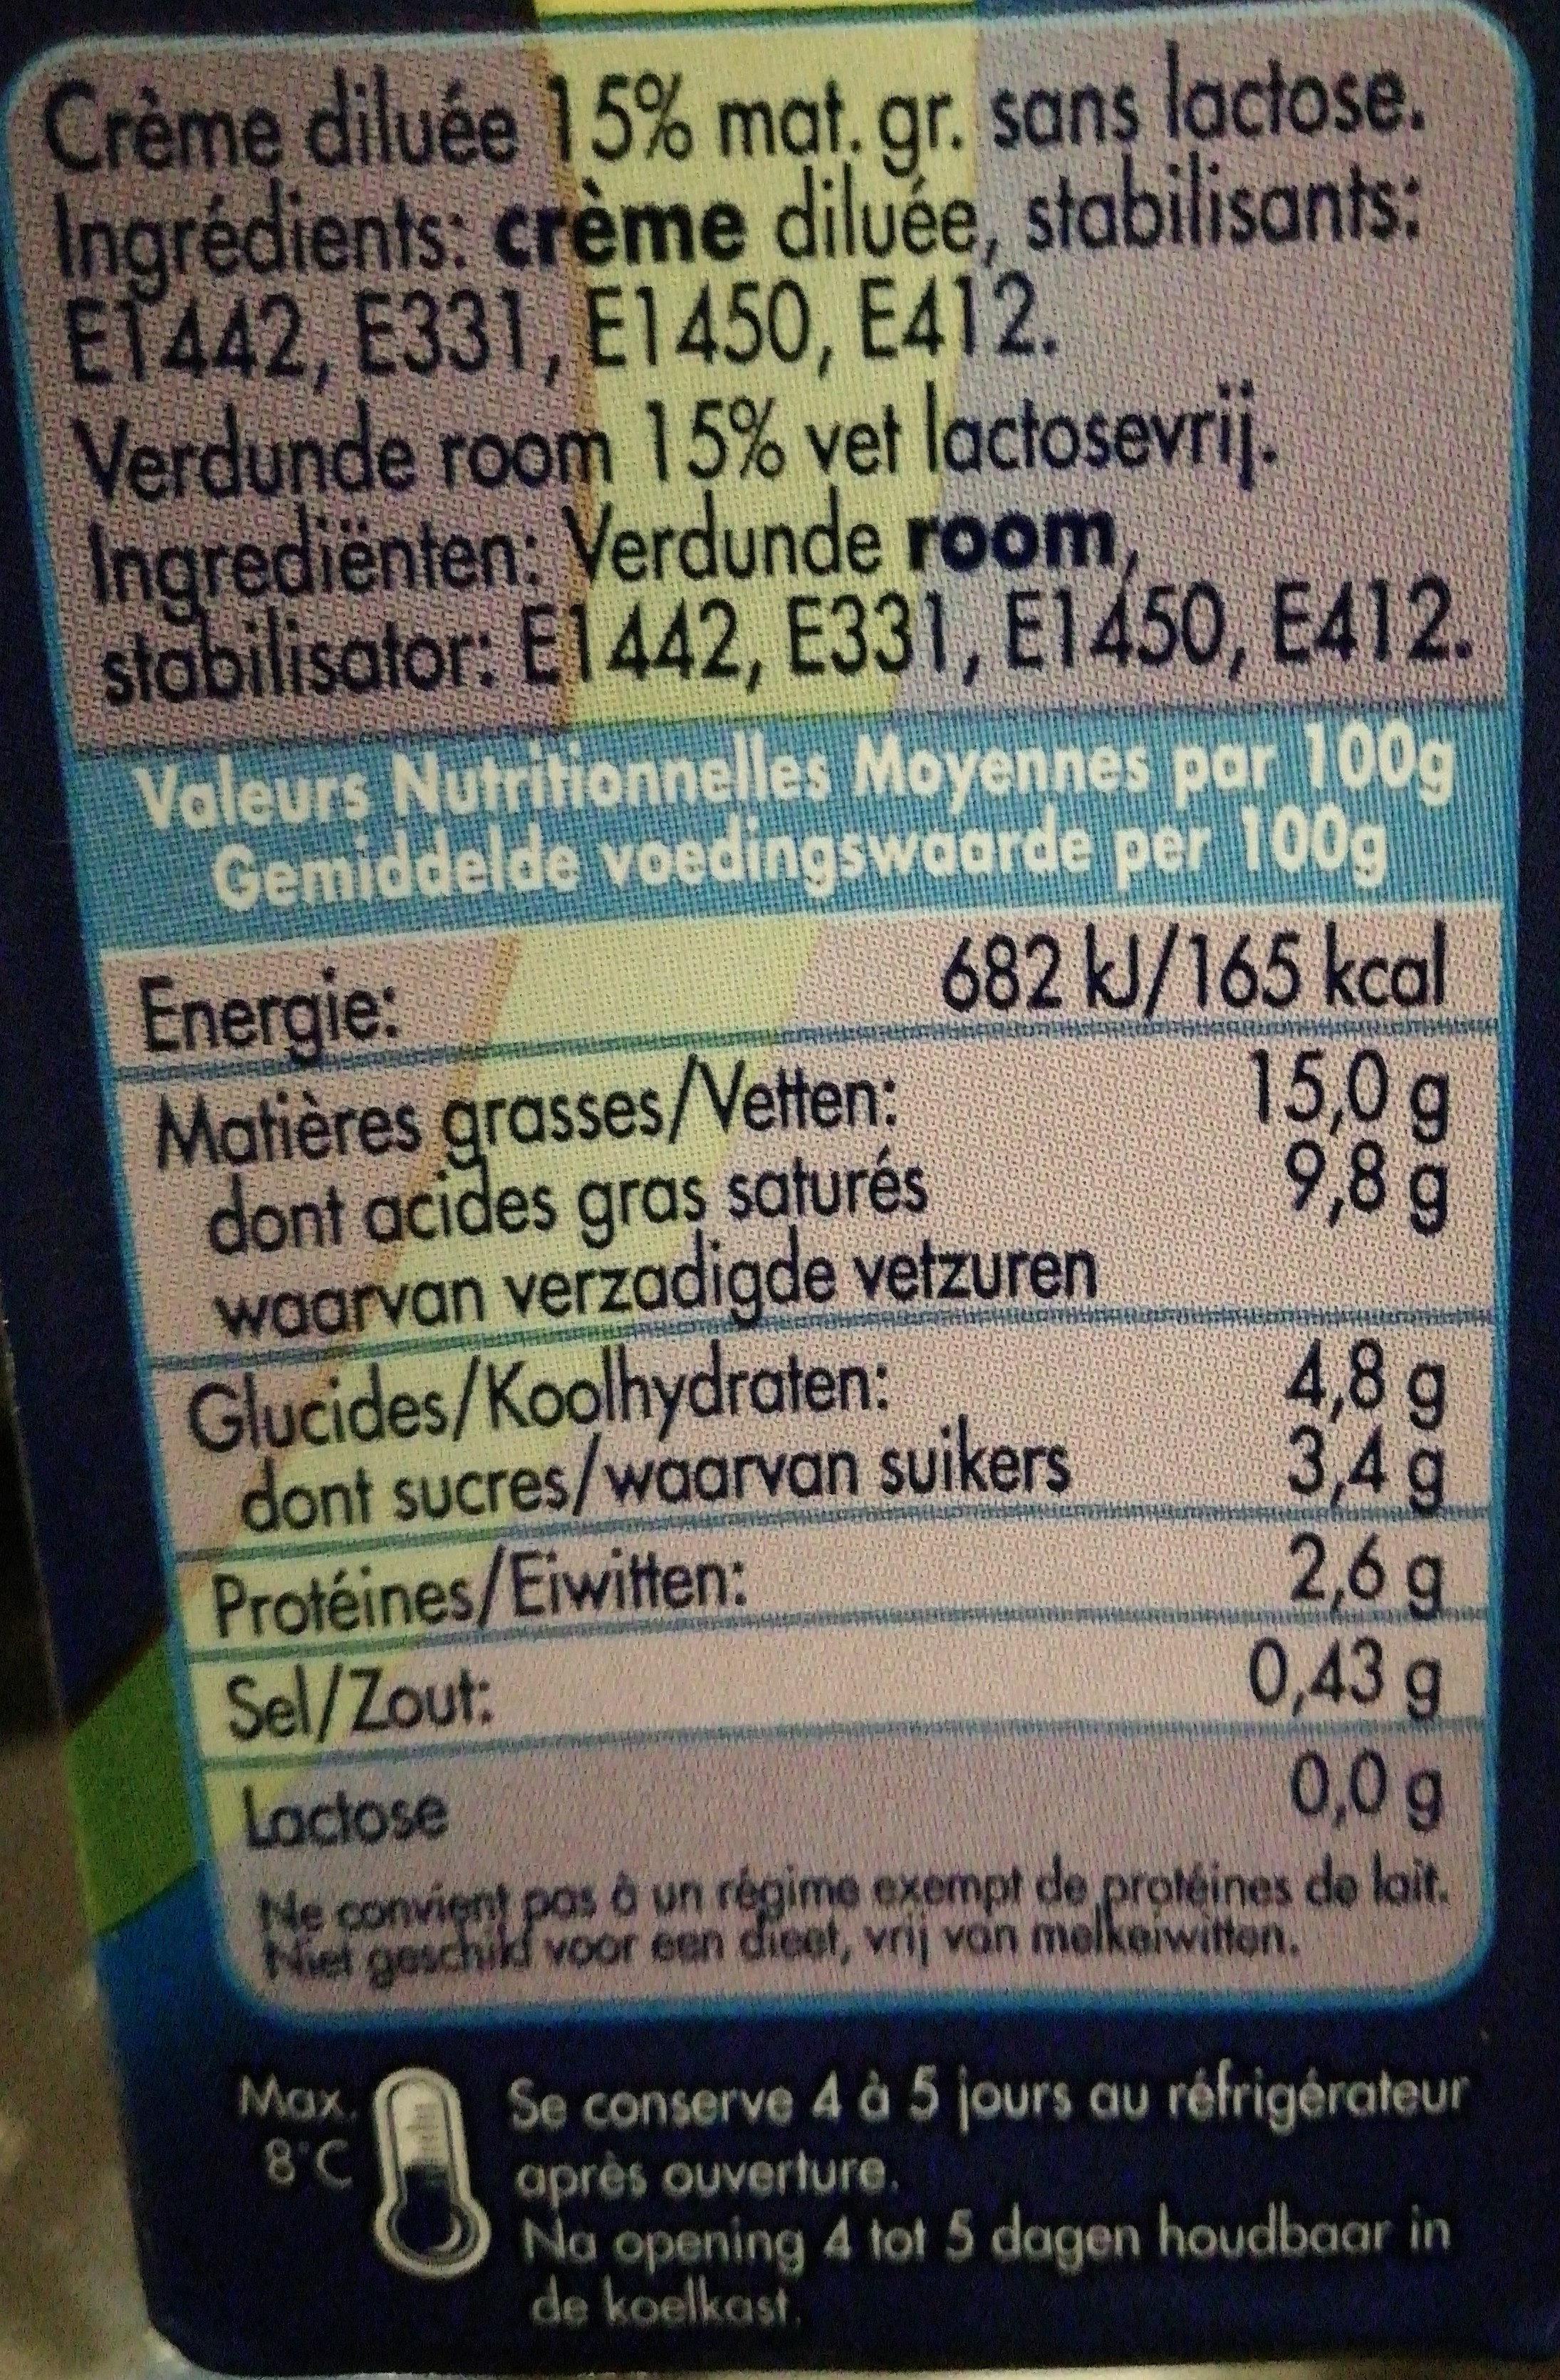 Dilea zero lactose Crème 15% Licht - Informations nutritionnelles